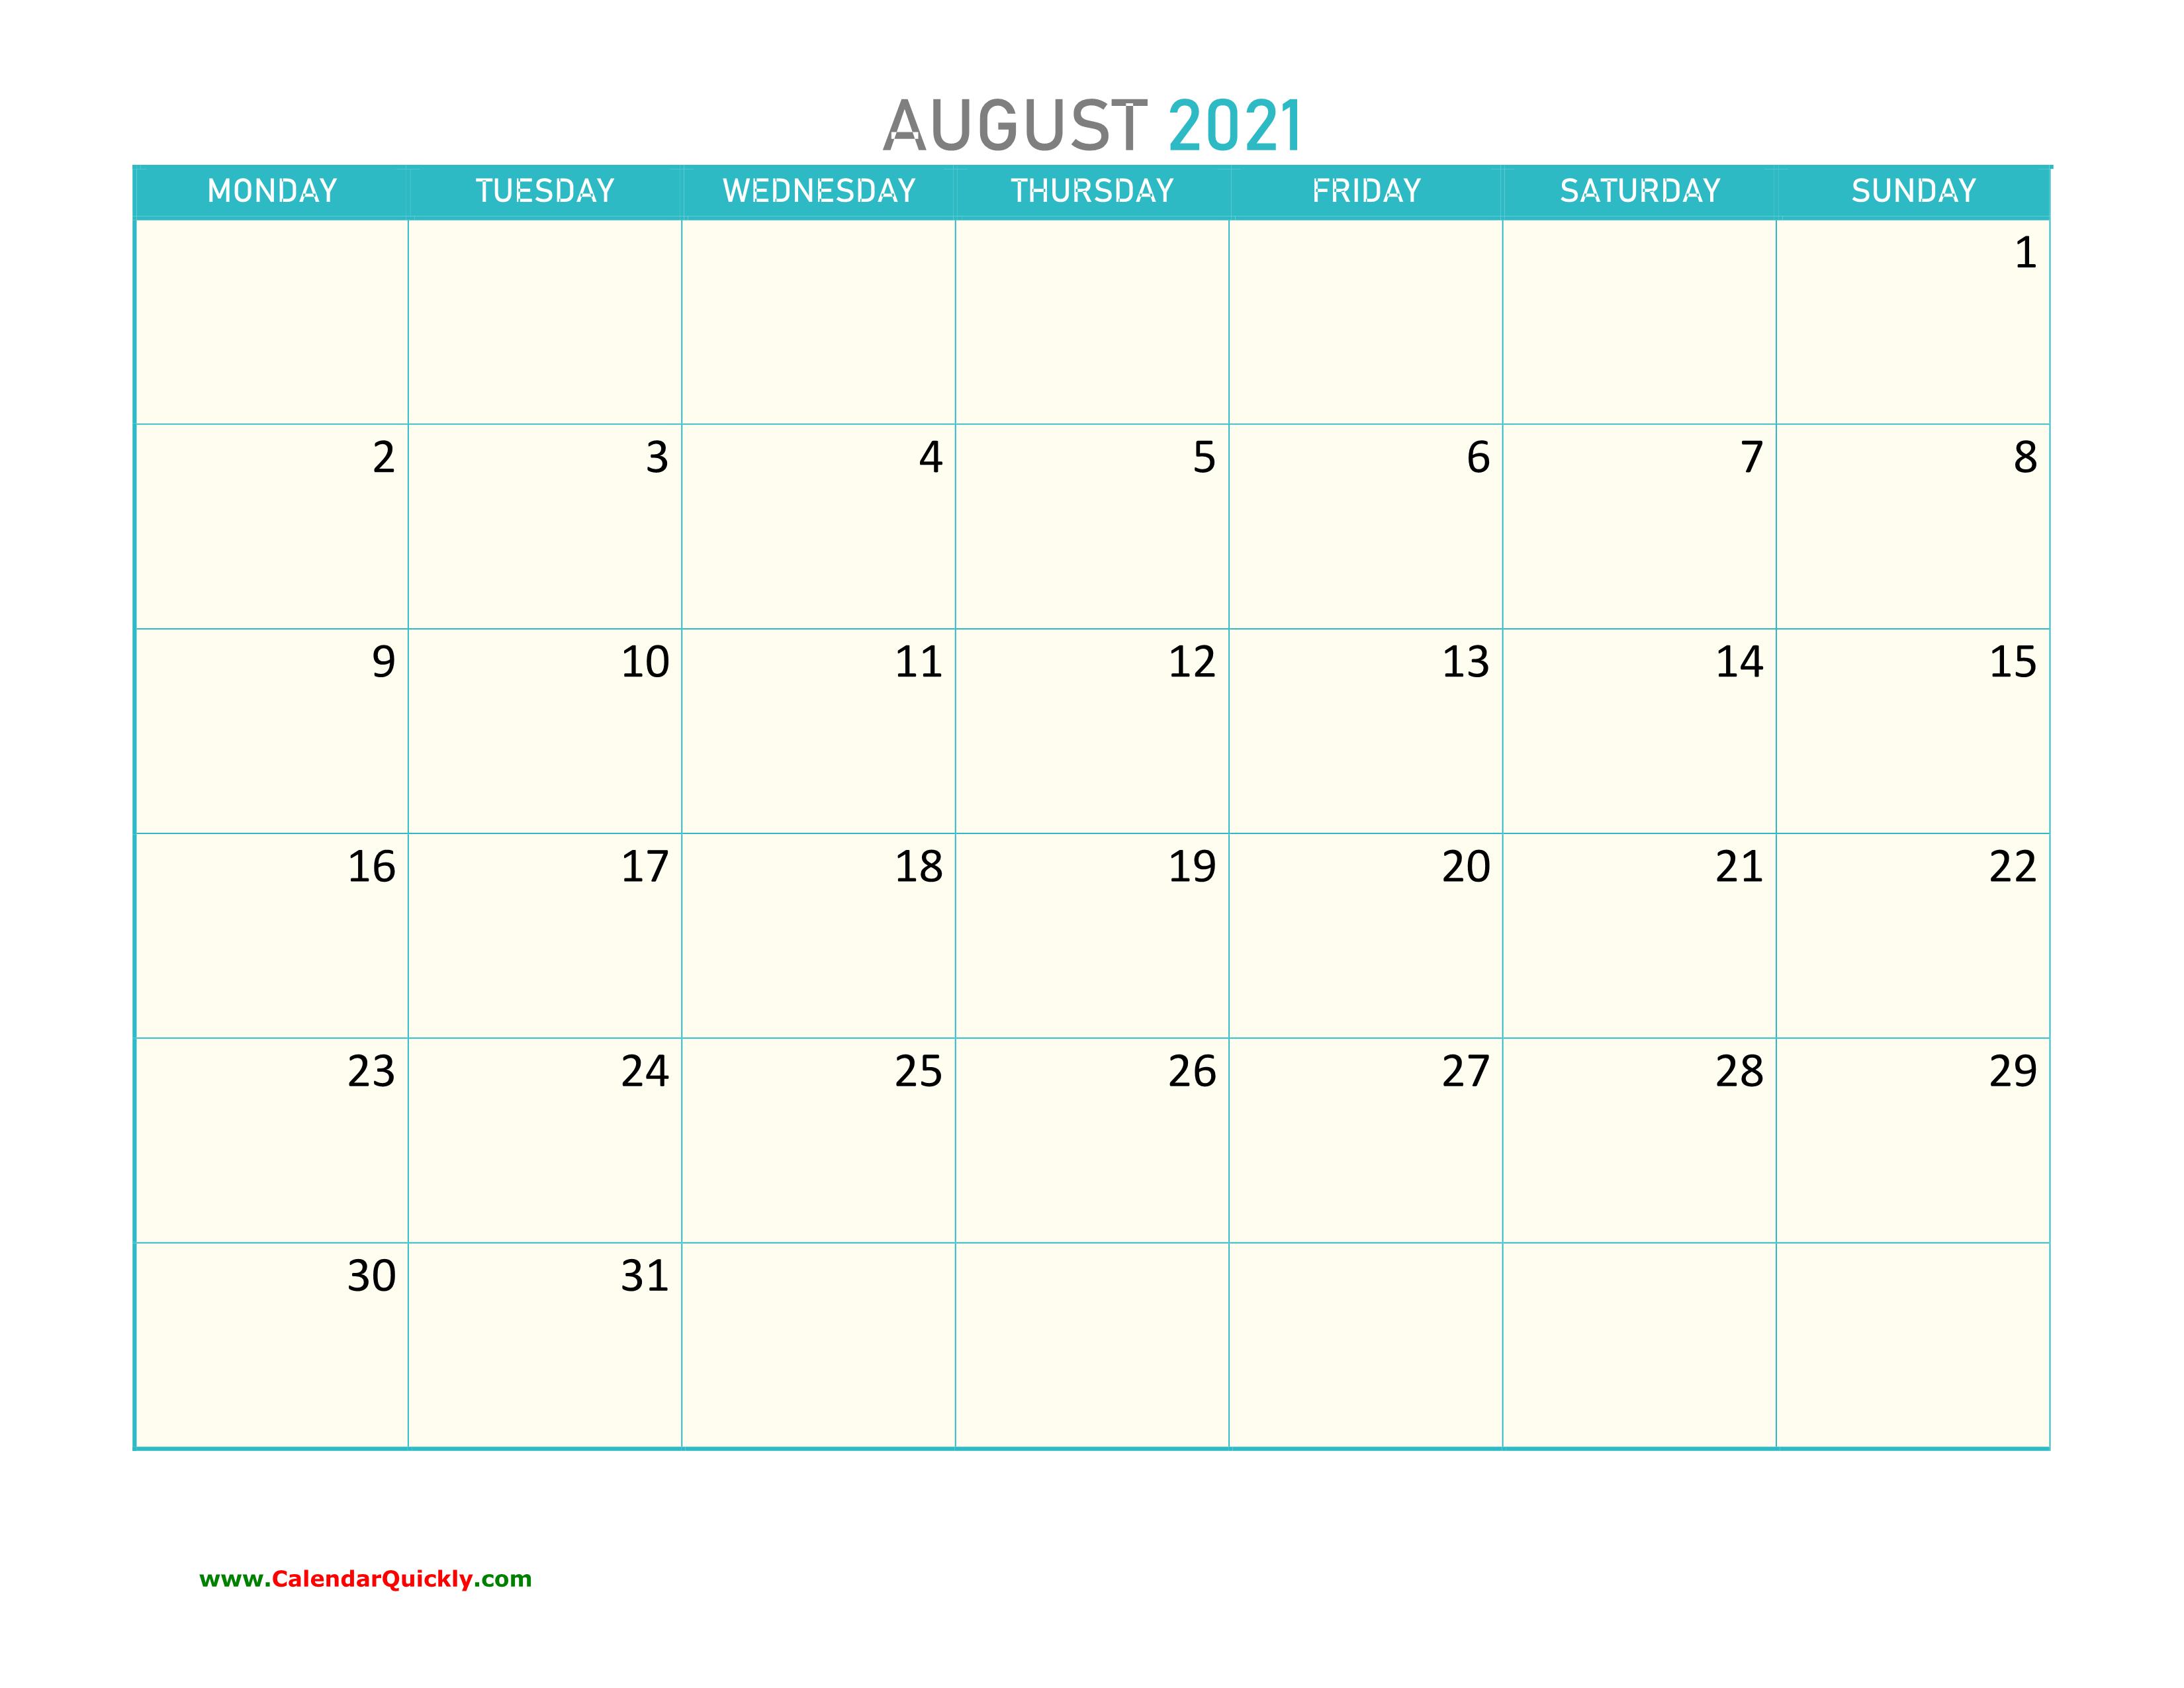 August Monday 2021 Calendar Printable | Calendar Quickly